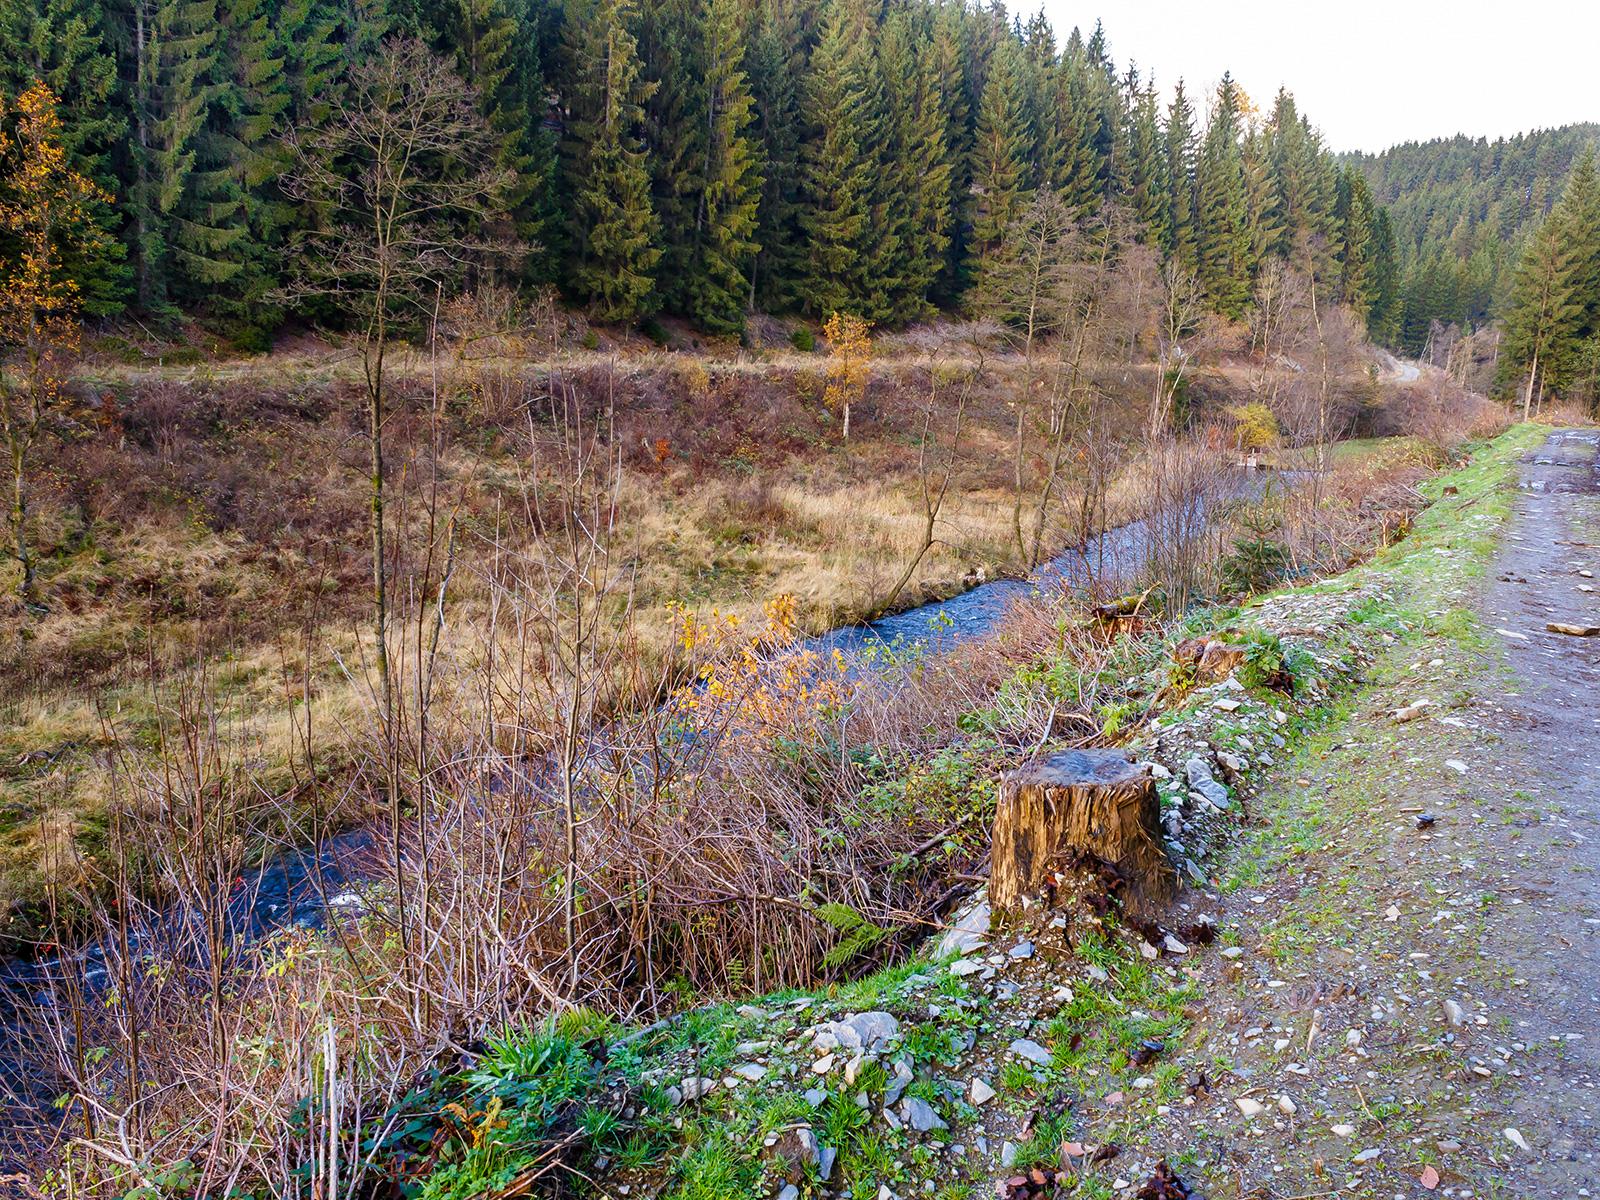 Ufer mit typischer Kahlschlagsflora